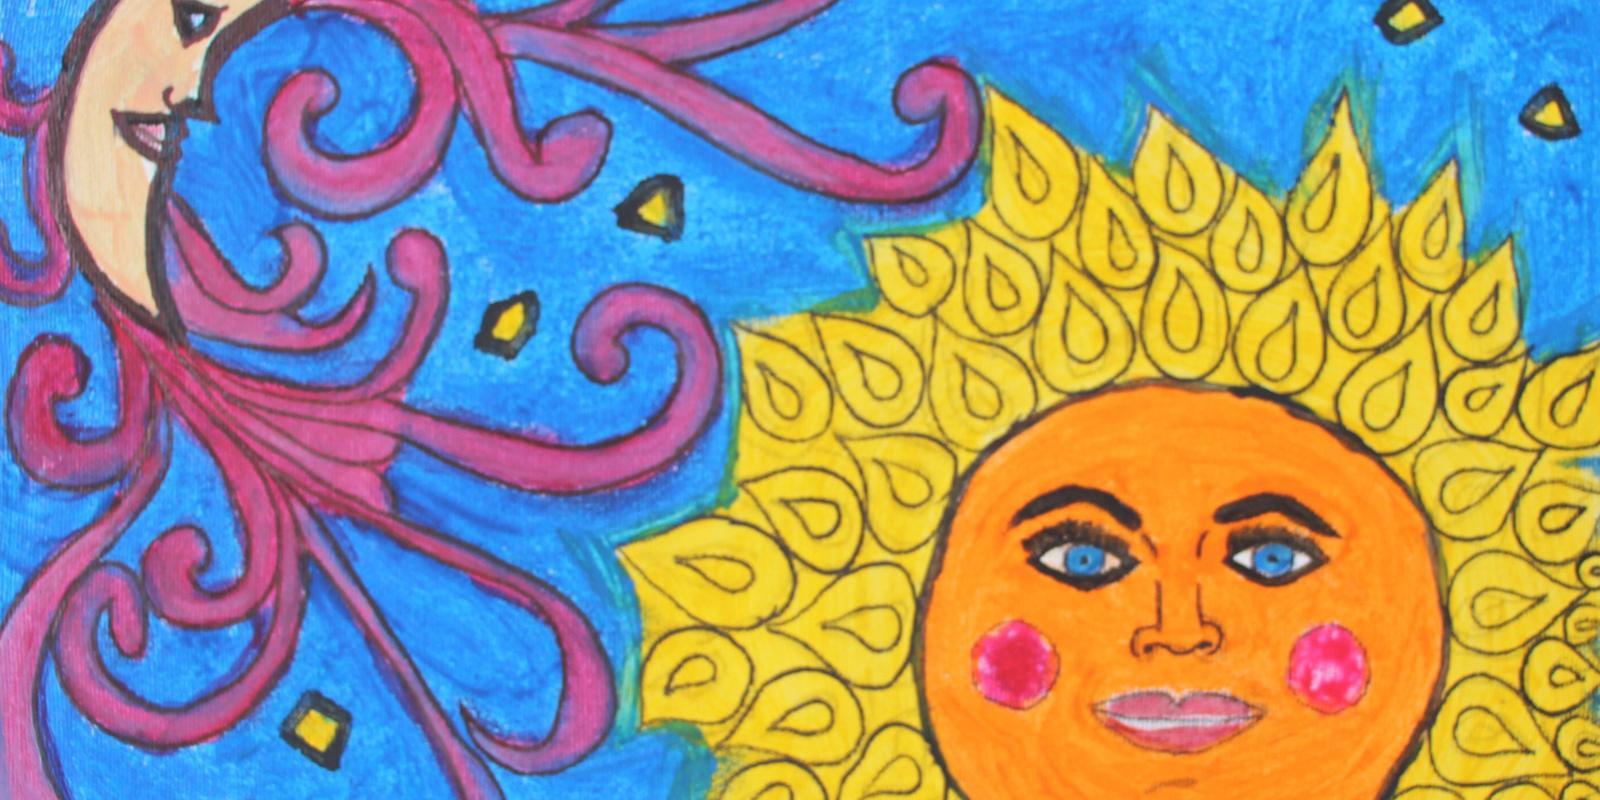 Pinturas e relatos dos alunos do Centro de Ressocialização de Atibaia estão em exposição na Biblioteca